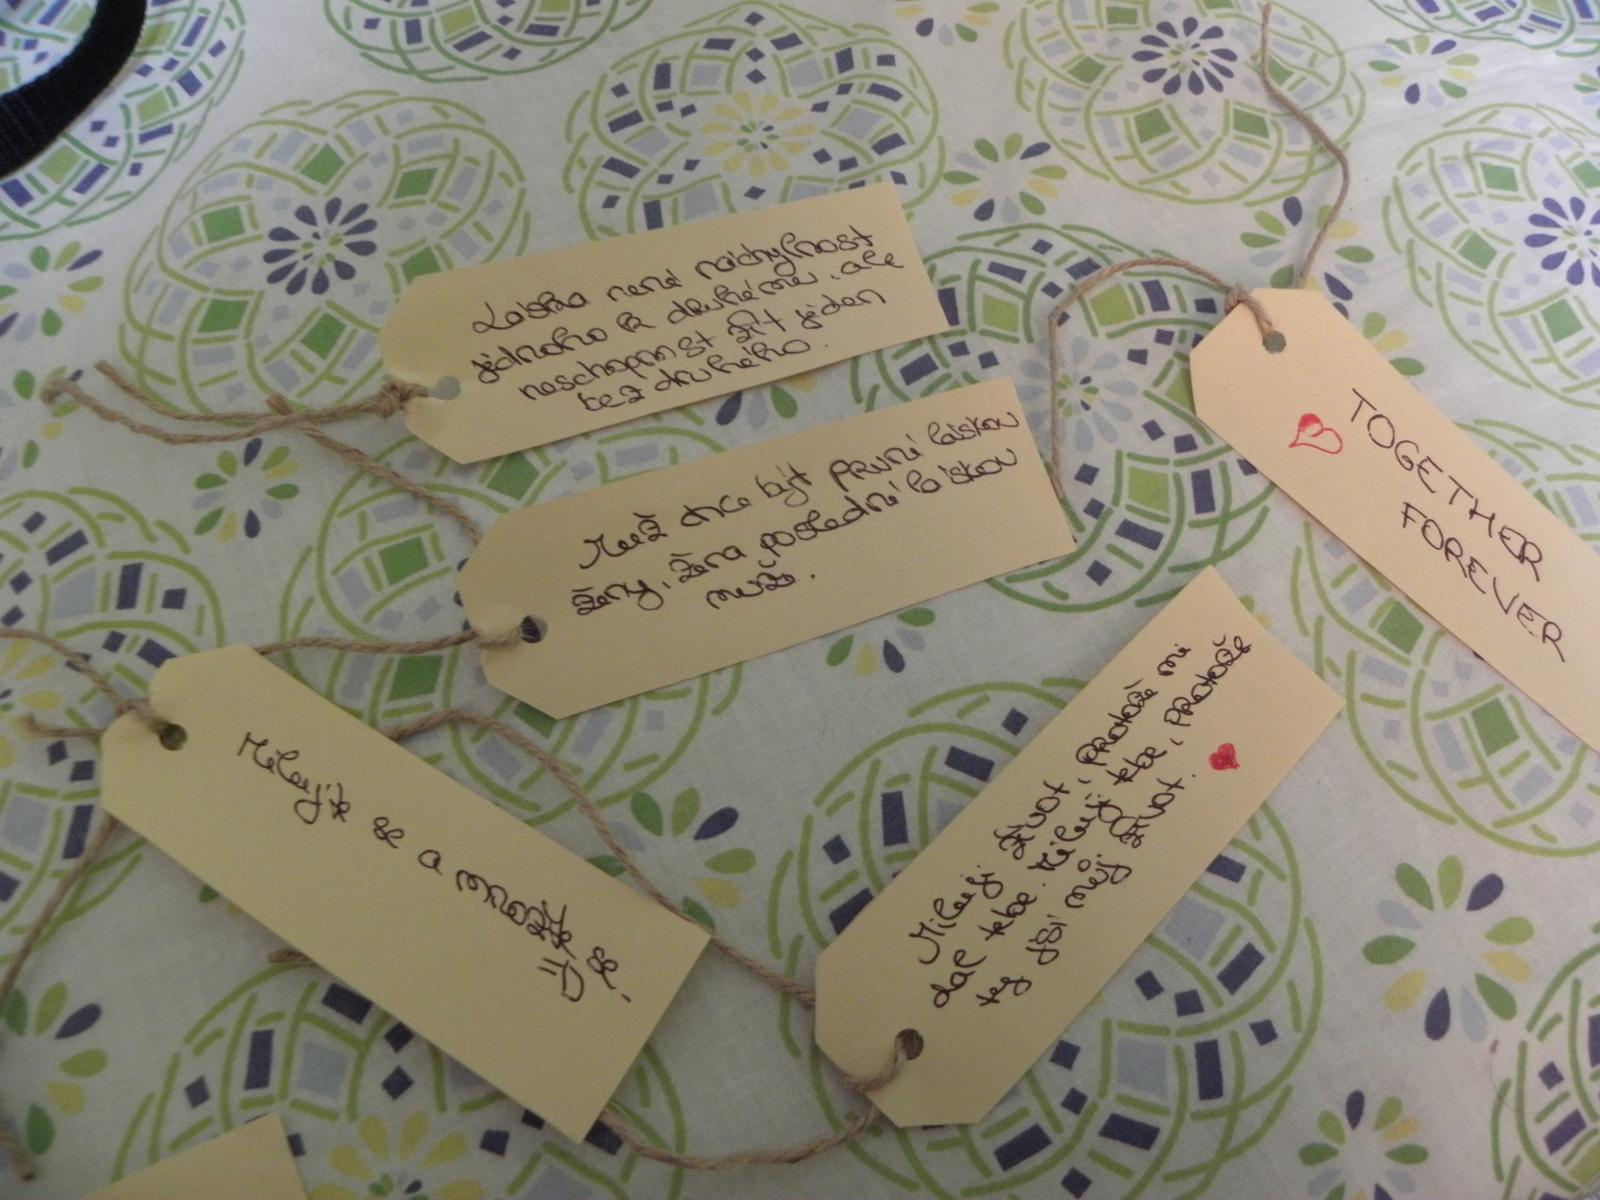 Selská svatba + Má tvorba - A tady již prvních pět lístečků s již připravenými vzkazy. Tyto připnu na dřevěné kolo od bývalého vozu, aby se první pisatel vzkazu necítil nijak divně, že je první..